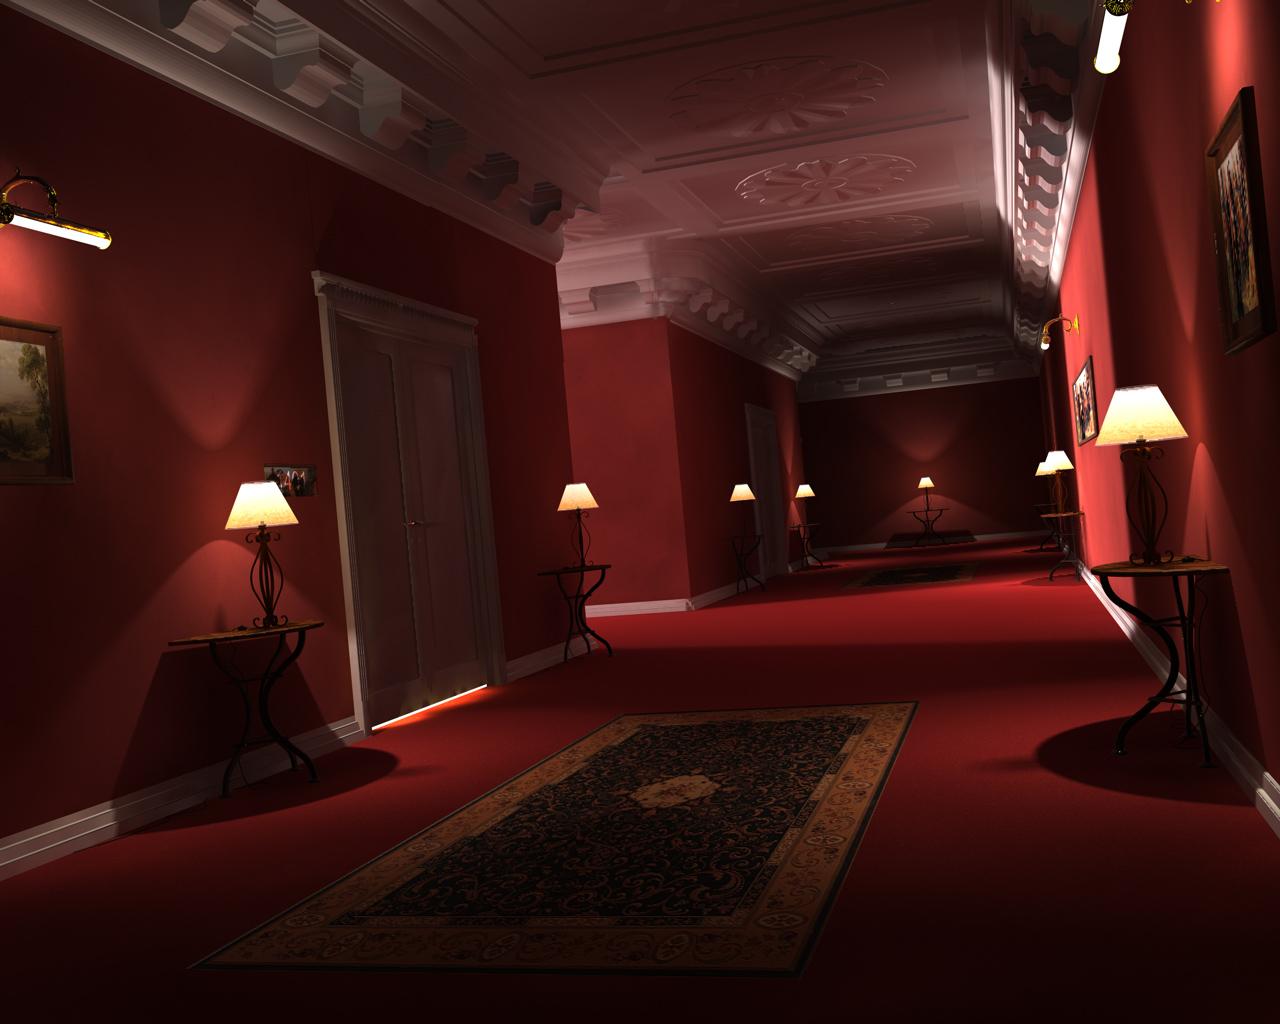 Hotel flur rendering ohne blur